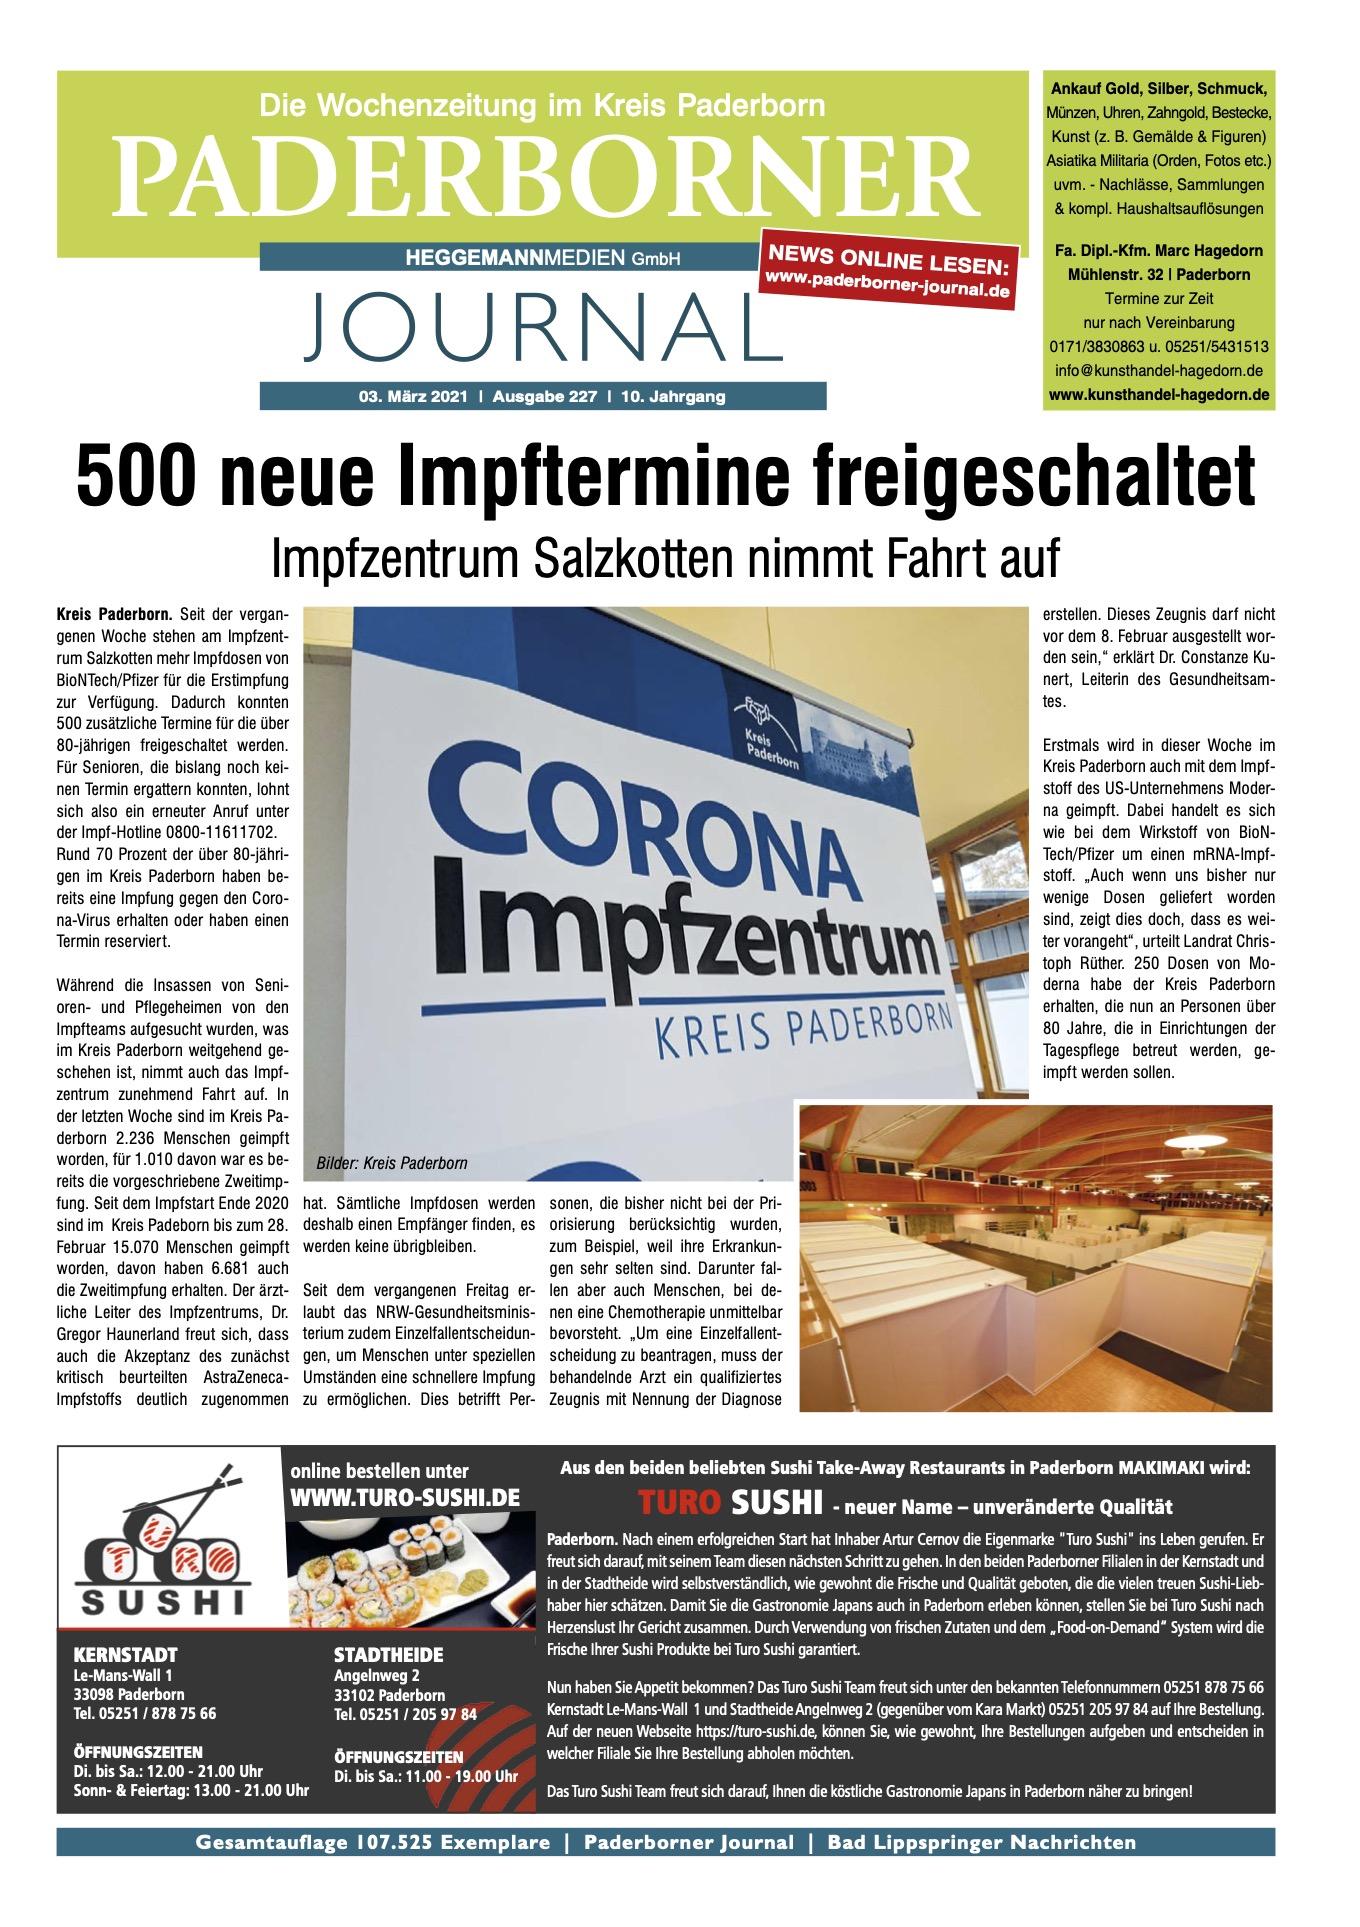 Paderborner Journal 227 vom 03.03.2021